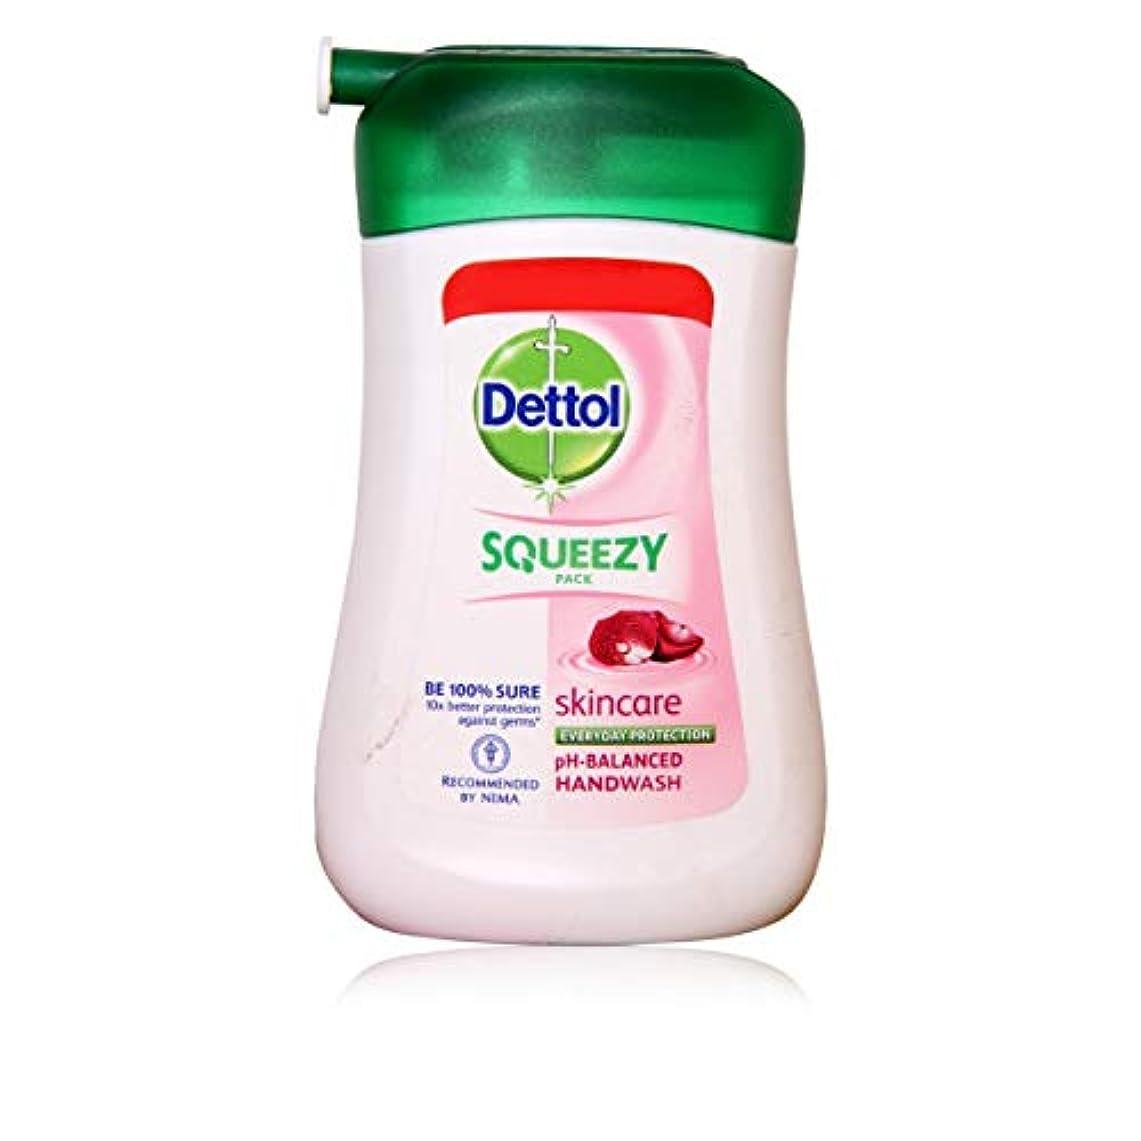 ハンディせっかちお気に入りDETTOL Squeezy Pack Skincare Liquid Hand WASH 100ML